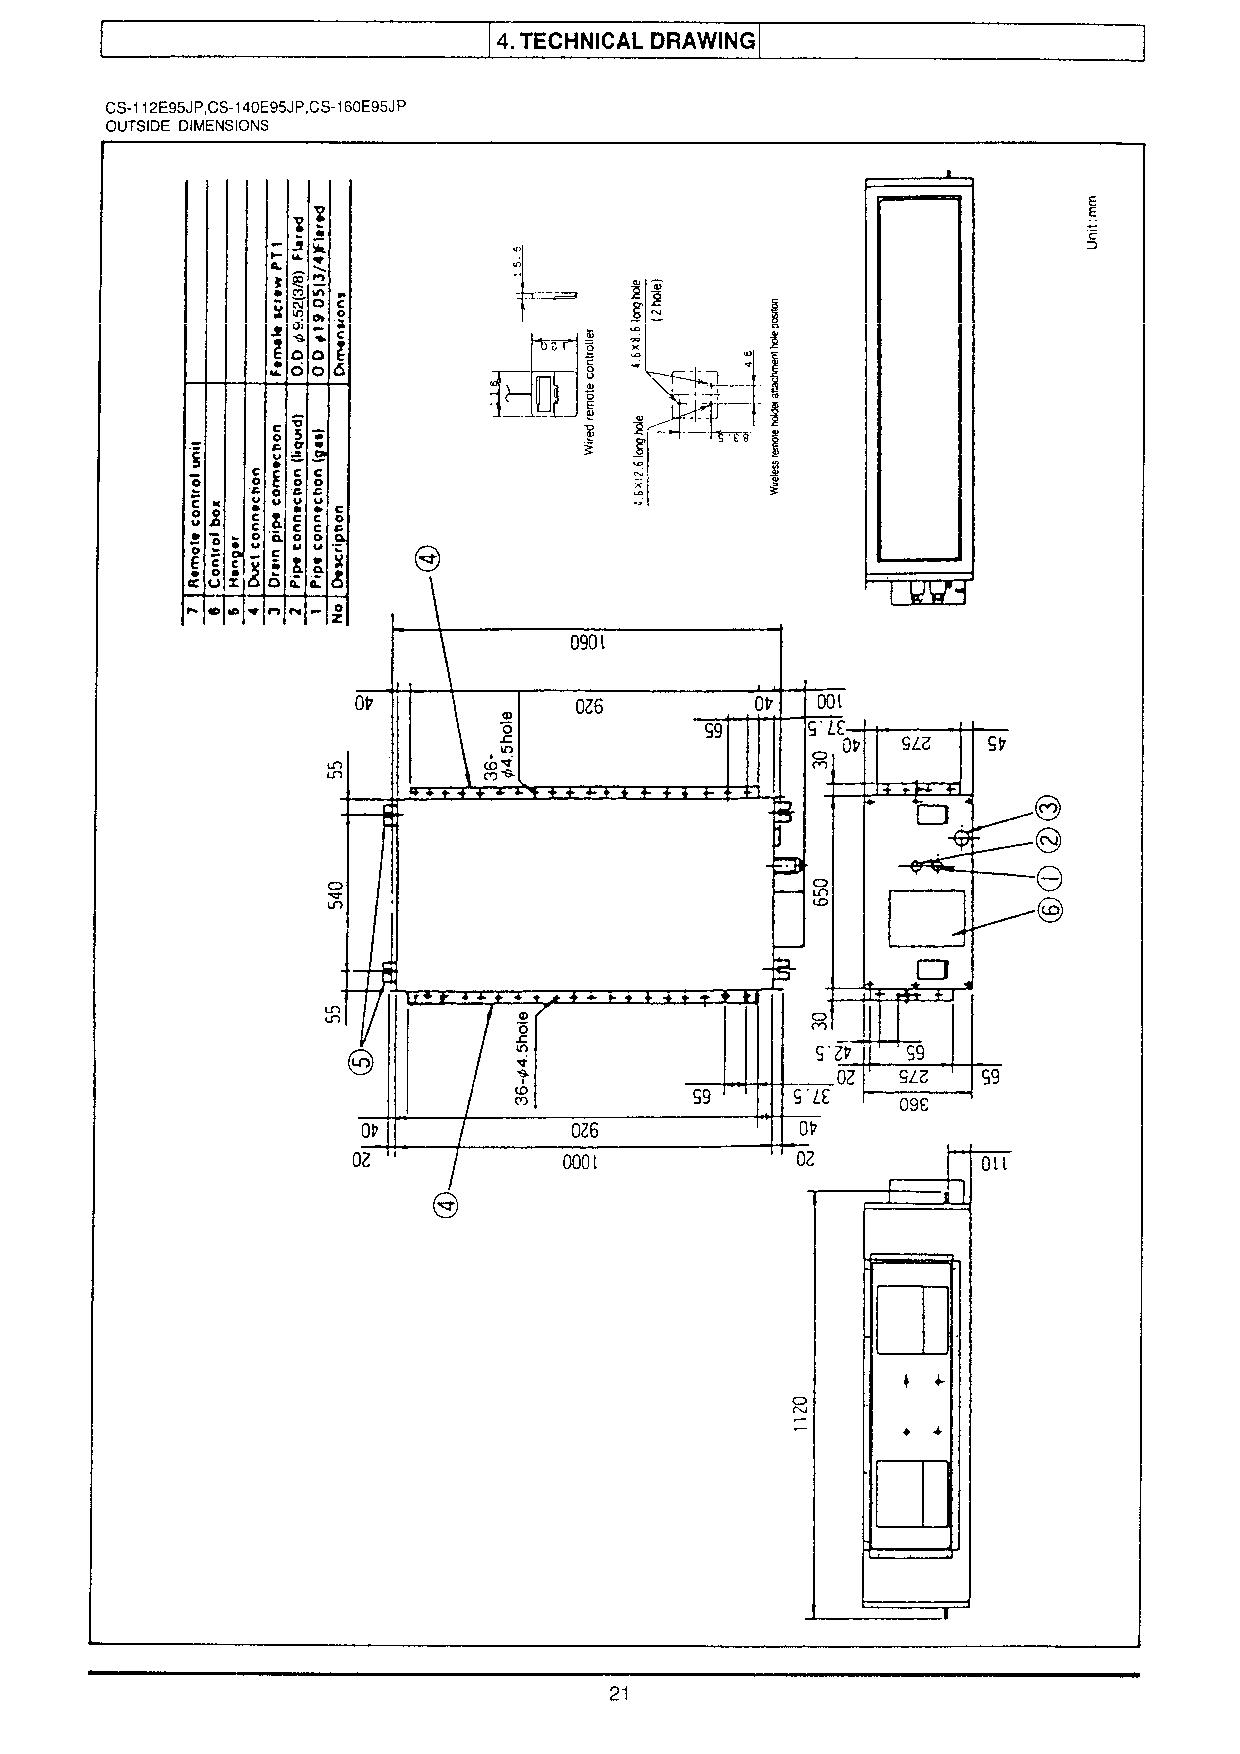 Panasonic CS-71E95JP (CU-71C52HP) PACD99104C0 Service Manual